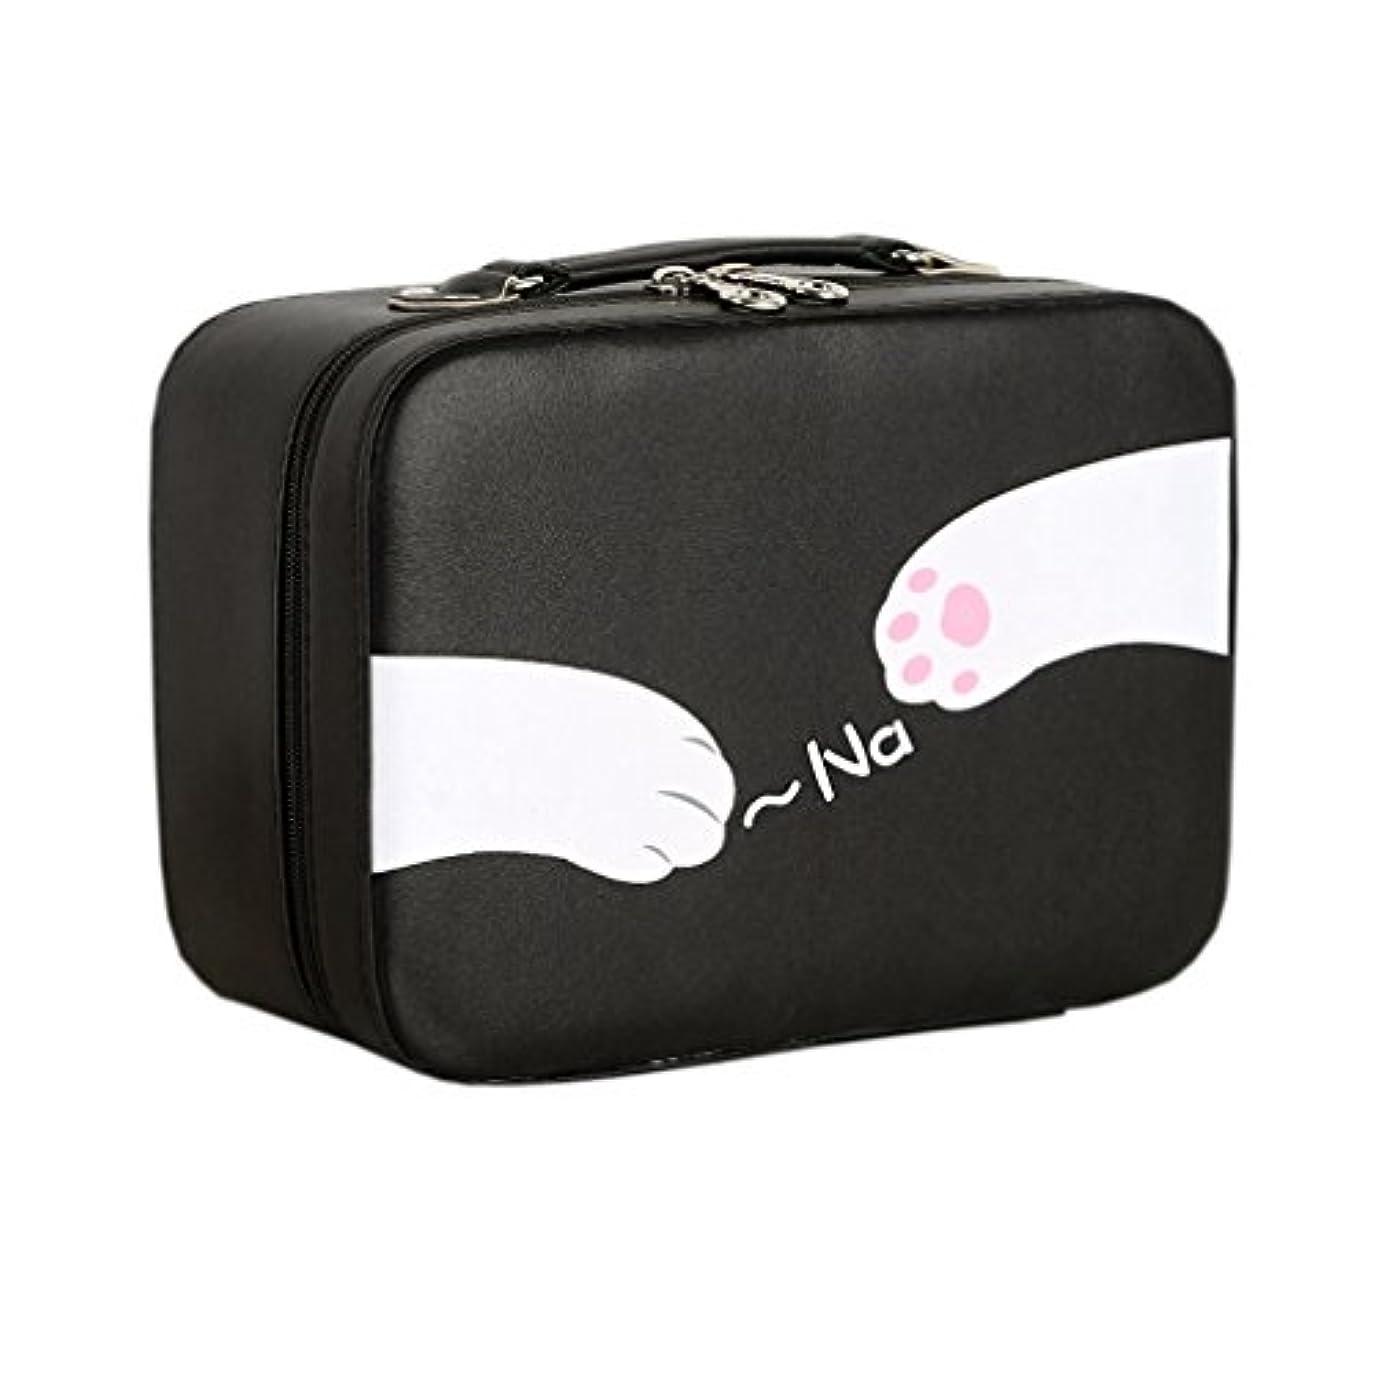 ベーリング海峡割合検体店舗]化粧ポーチ 大容量 機能的 猫柄 11選択 メイクポーチ 化粧ボックス バニティーケース 仕切り 鏡付き ブラシ収納 取っ手付き ダブルジップ 撥水加工 かわいい おしゃれ 軽量 女性